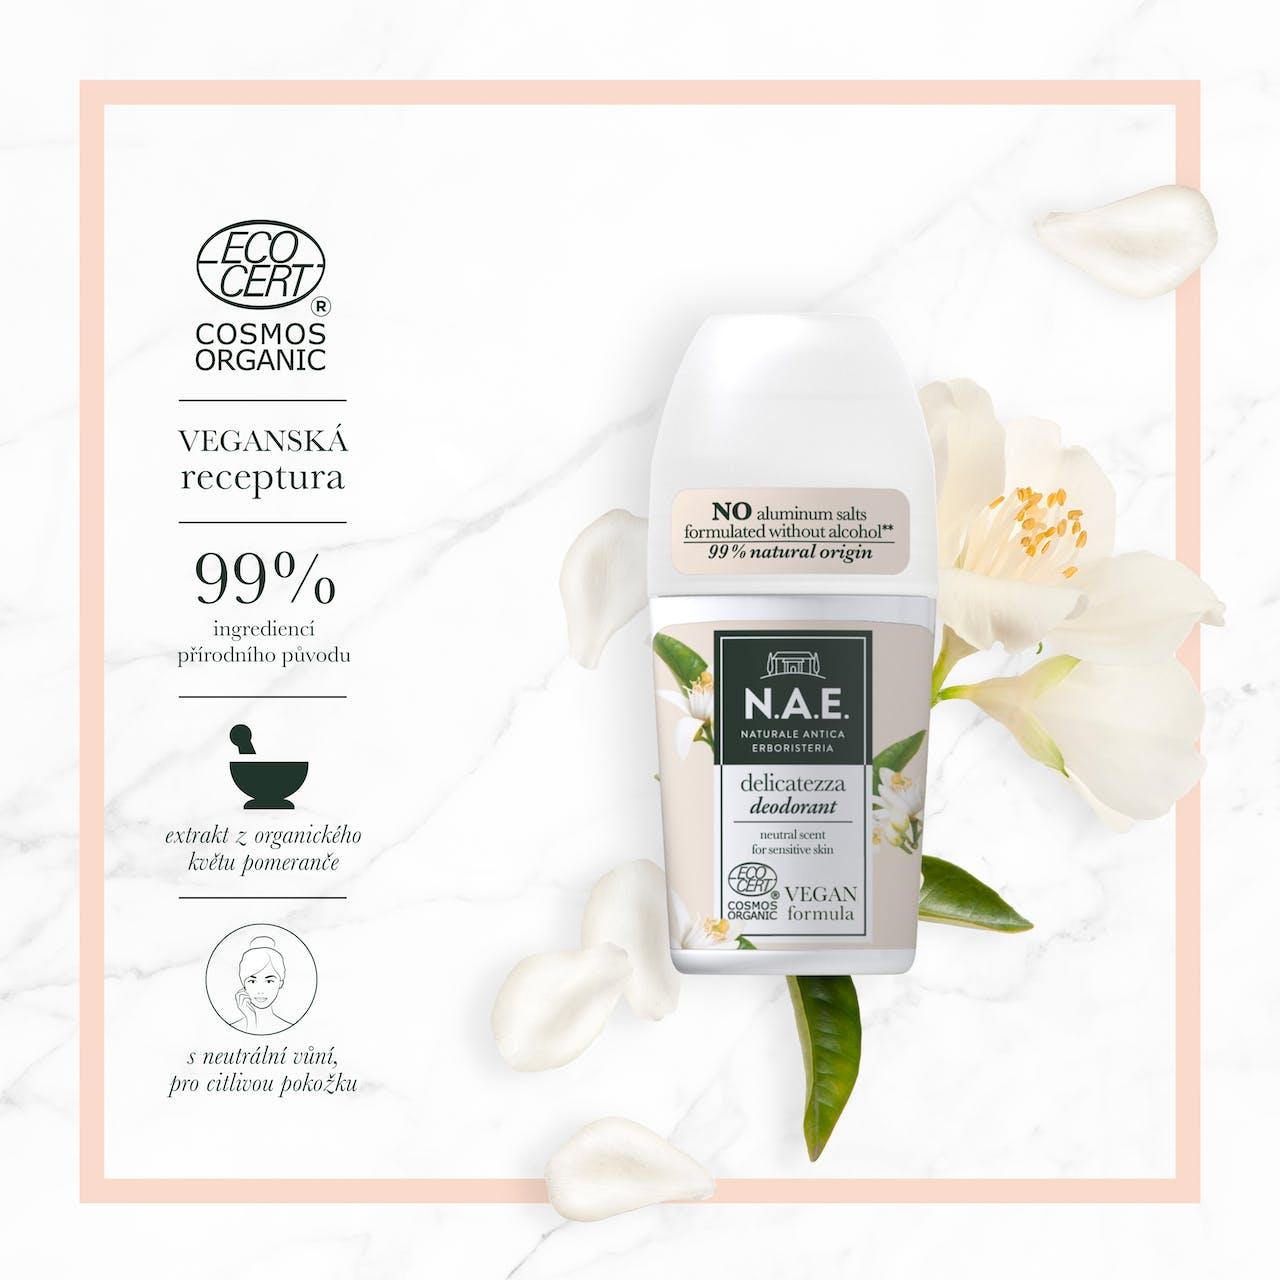 Delicatezza deodorant s neutrální vůní